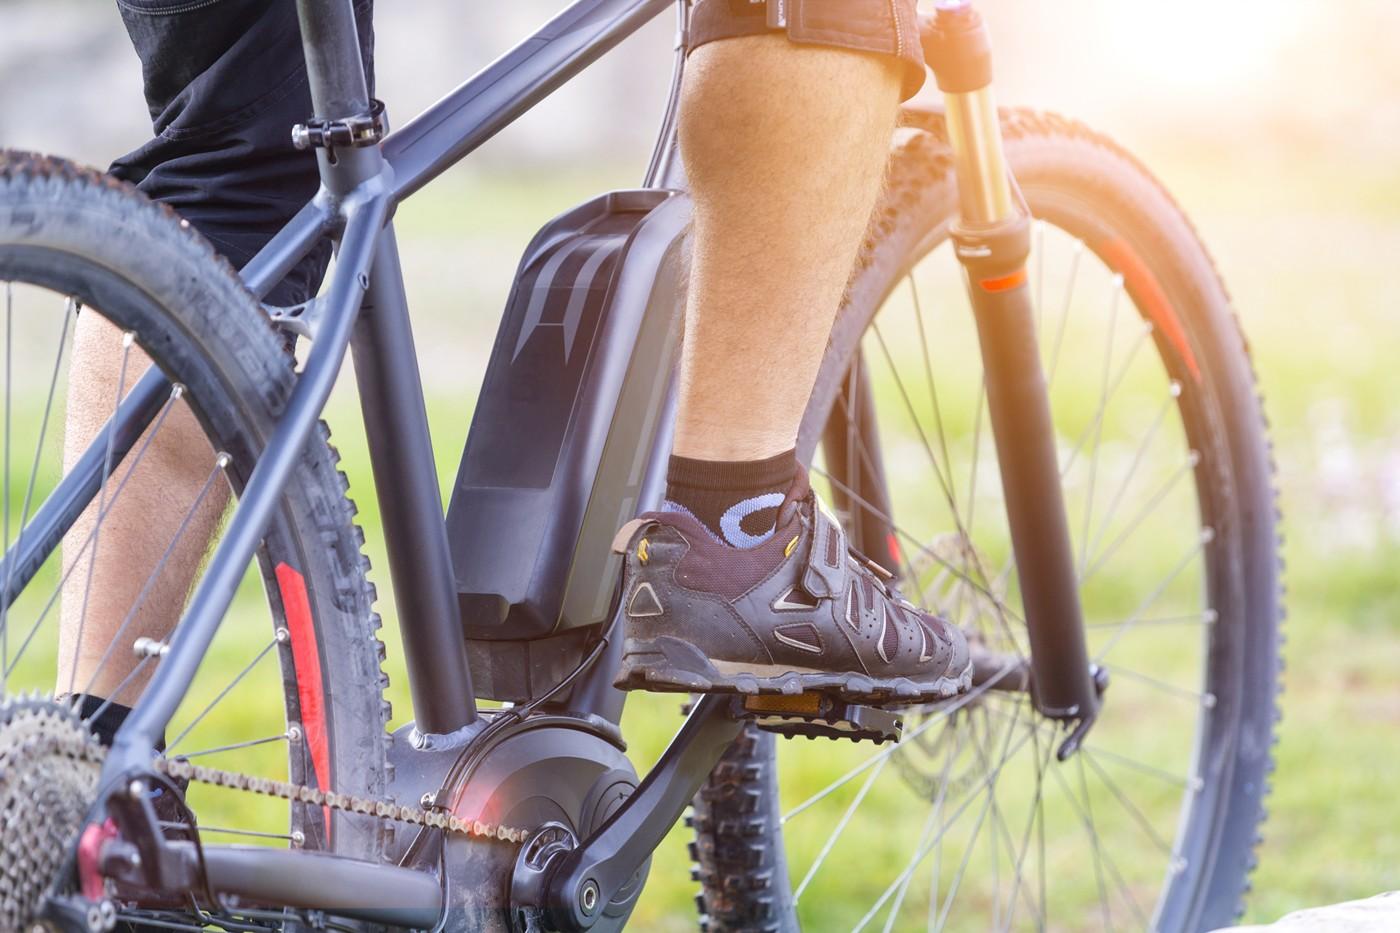 Batteria ricaricabile di una e-bike